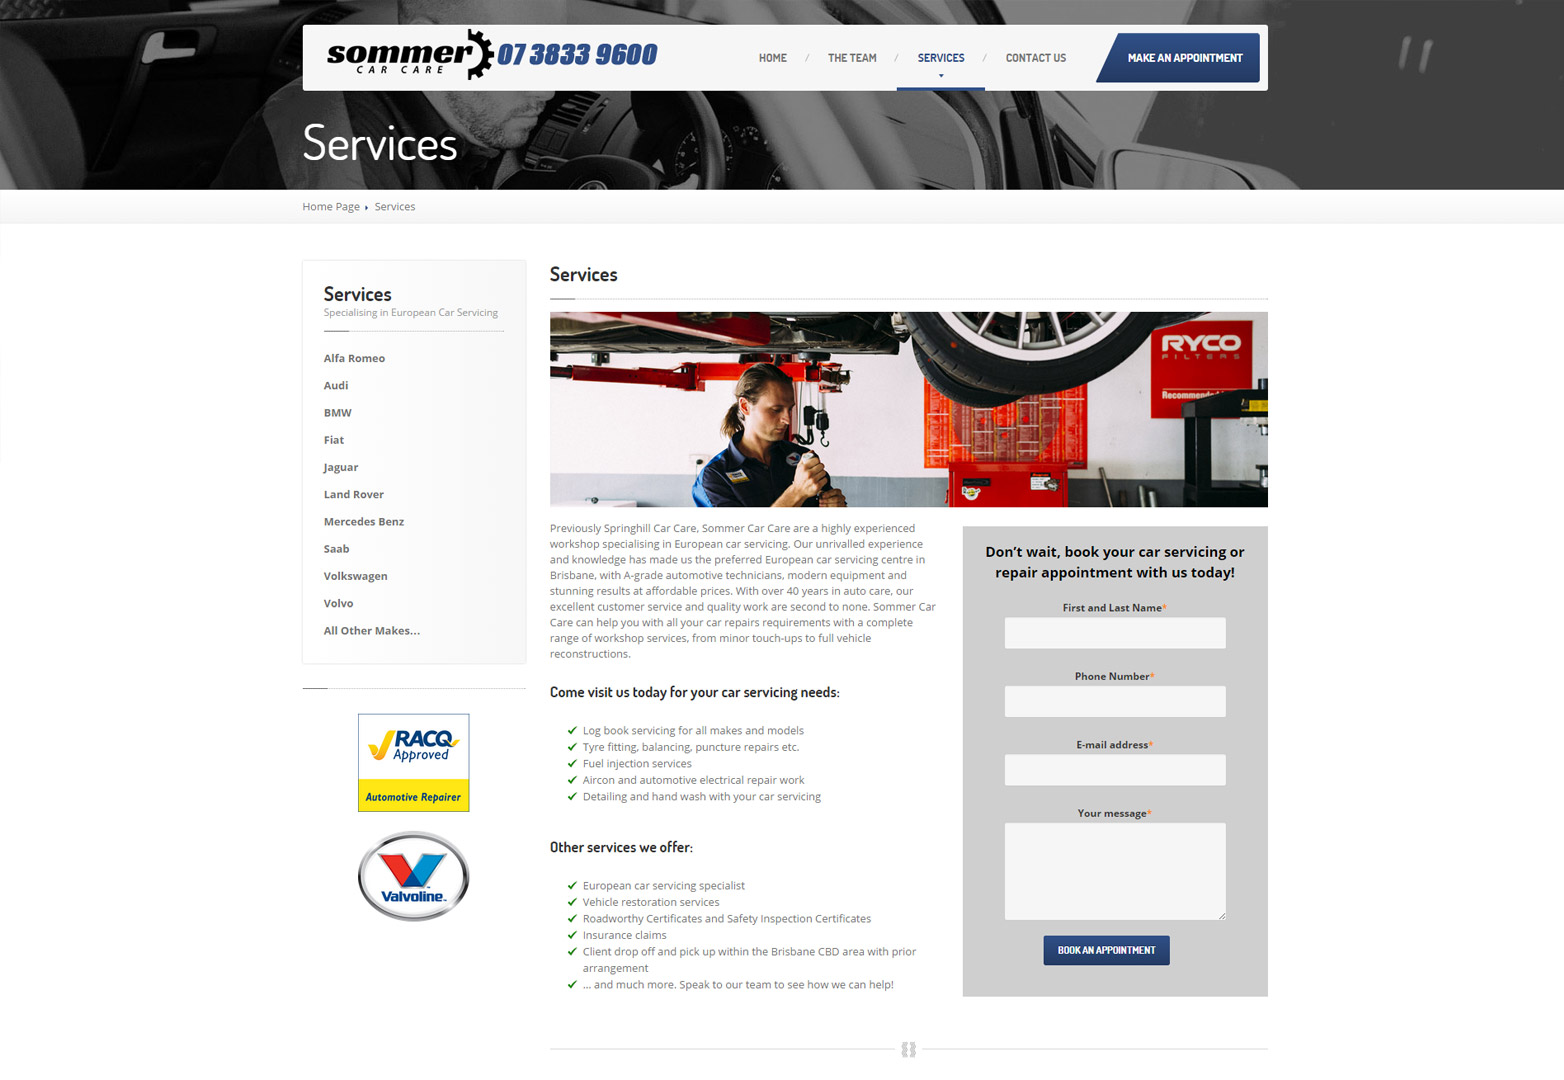 webdesign_sommer03